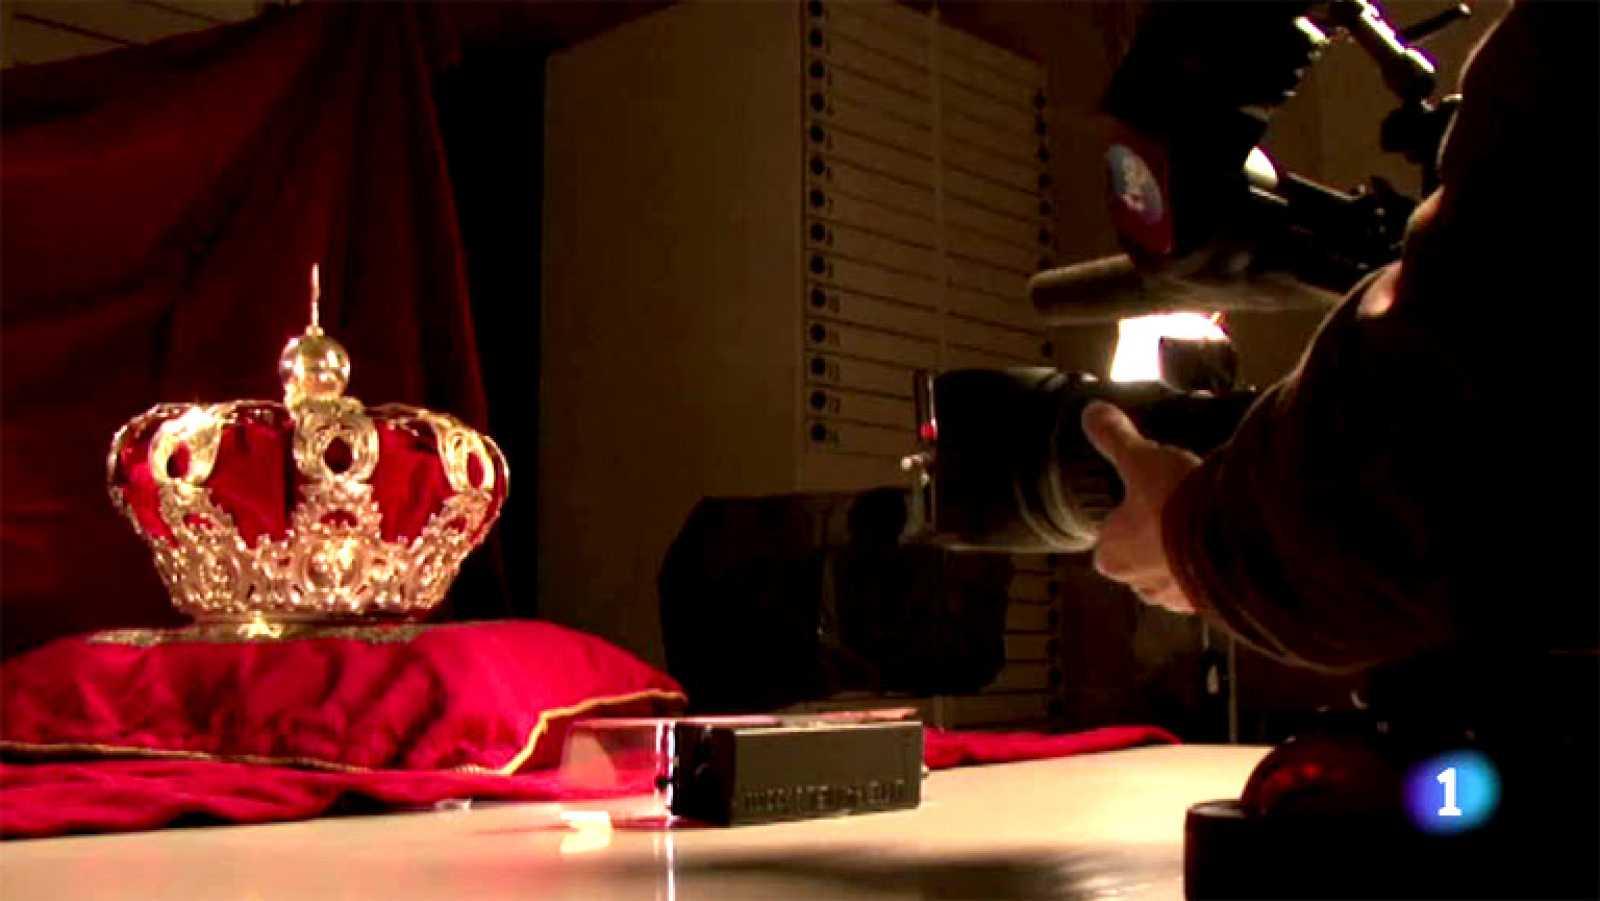 Rodaje de los símbolos reales de la monarquía española, la corona y el cetro de los Reyes , realizado por el equipo del programa 'Audiencia Abierta', en el Palacio Real de Madrid.